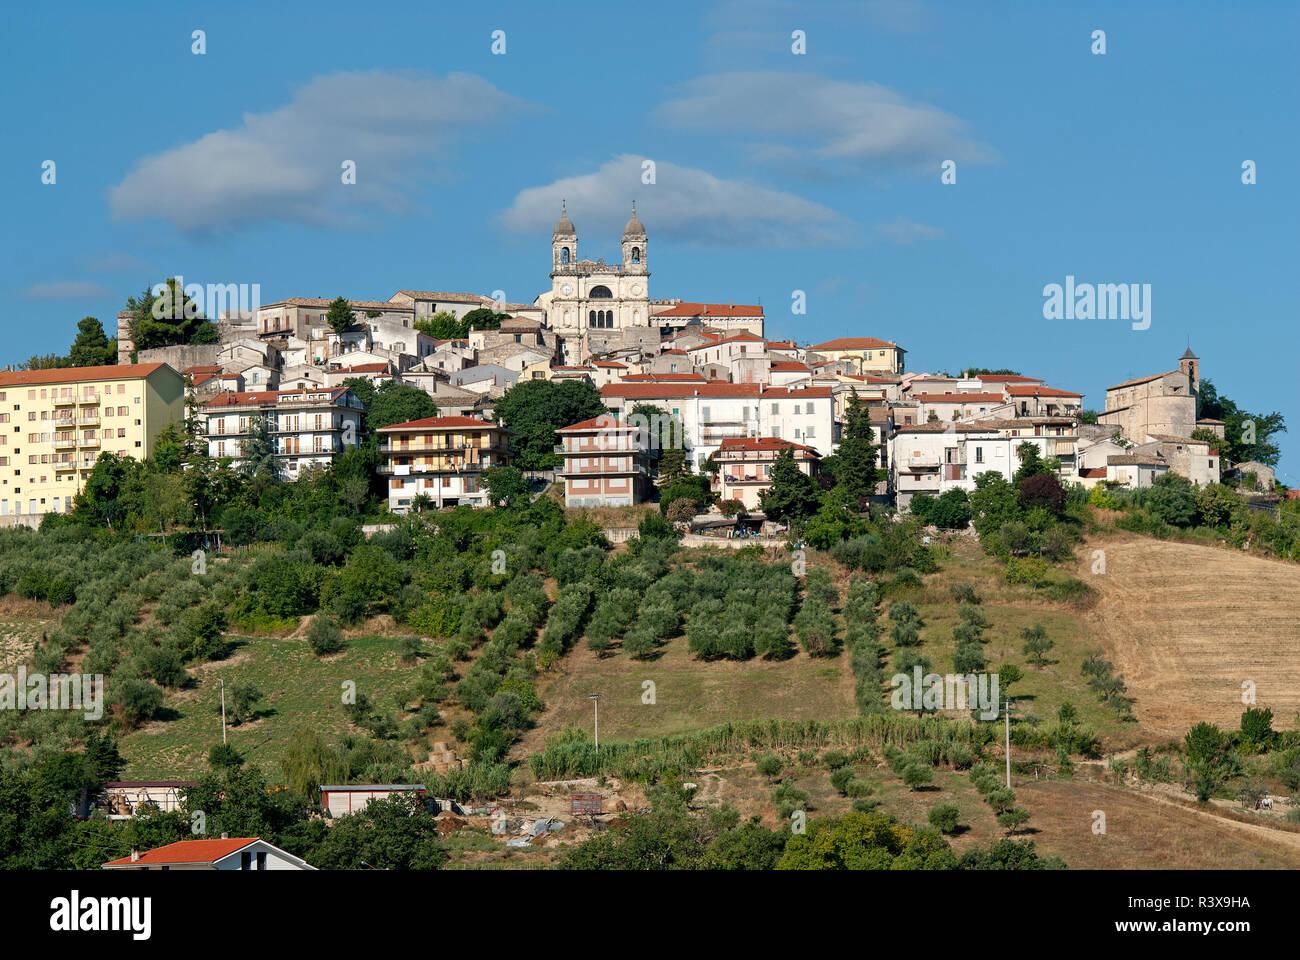 San Valentino In Abruzzo Citeriore Al Centro Spicca La